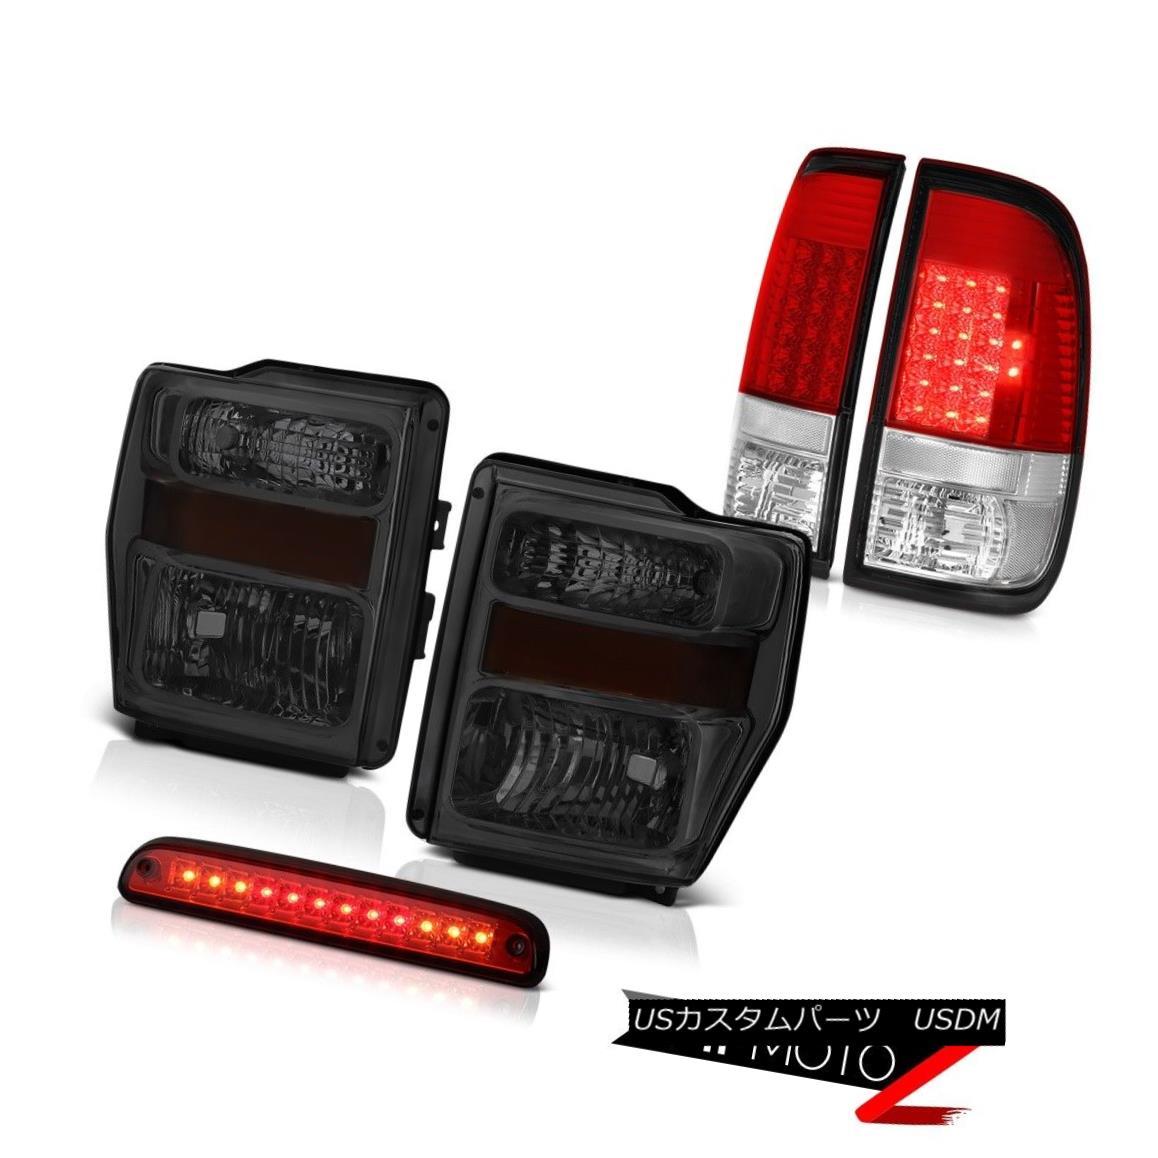 テールライト 2008-2010 Ford F-350 XLT Dark Smoke Headlamp Rosso Red LED Tail Light Roof Brake 2008-2010フォードF-350 XLTダークスモークヘッドランプロッソレッドテールライトルーフブレーキ